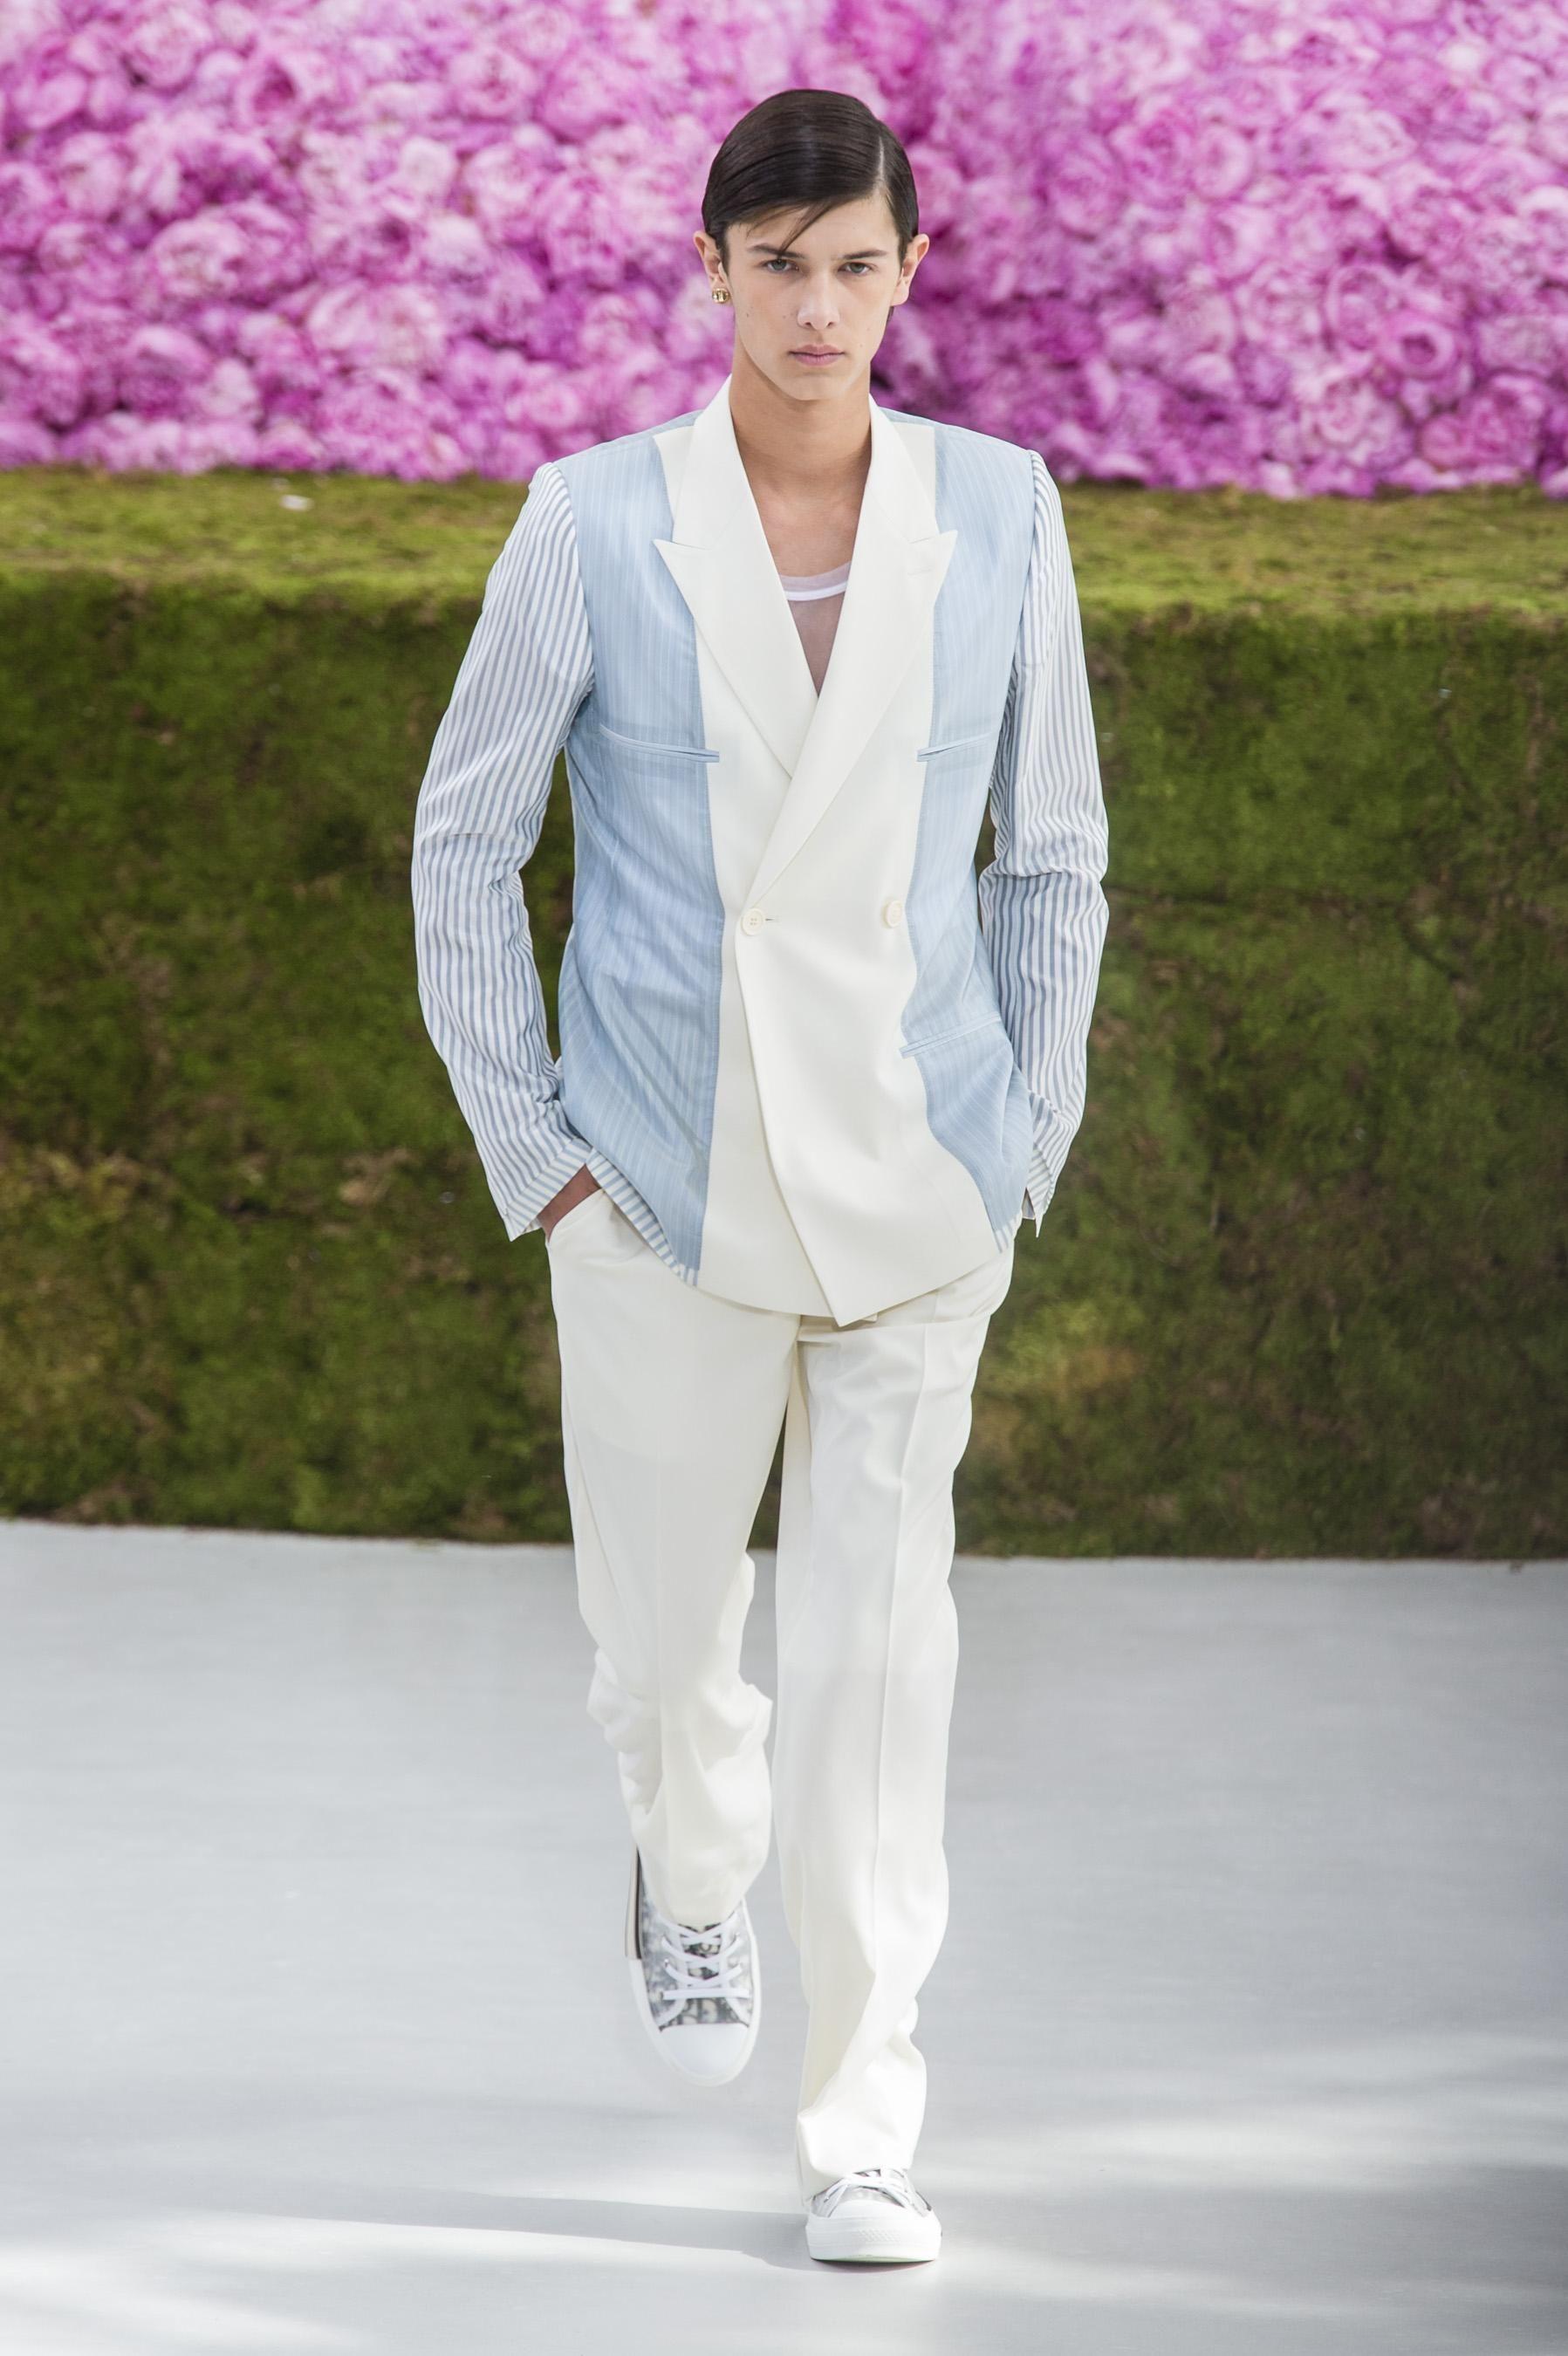 Défilé Dior Homme printemps-été 2019 Homme   Haute Couture   Dior ... 024629ecc54